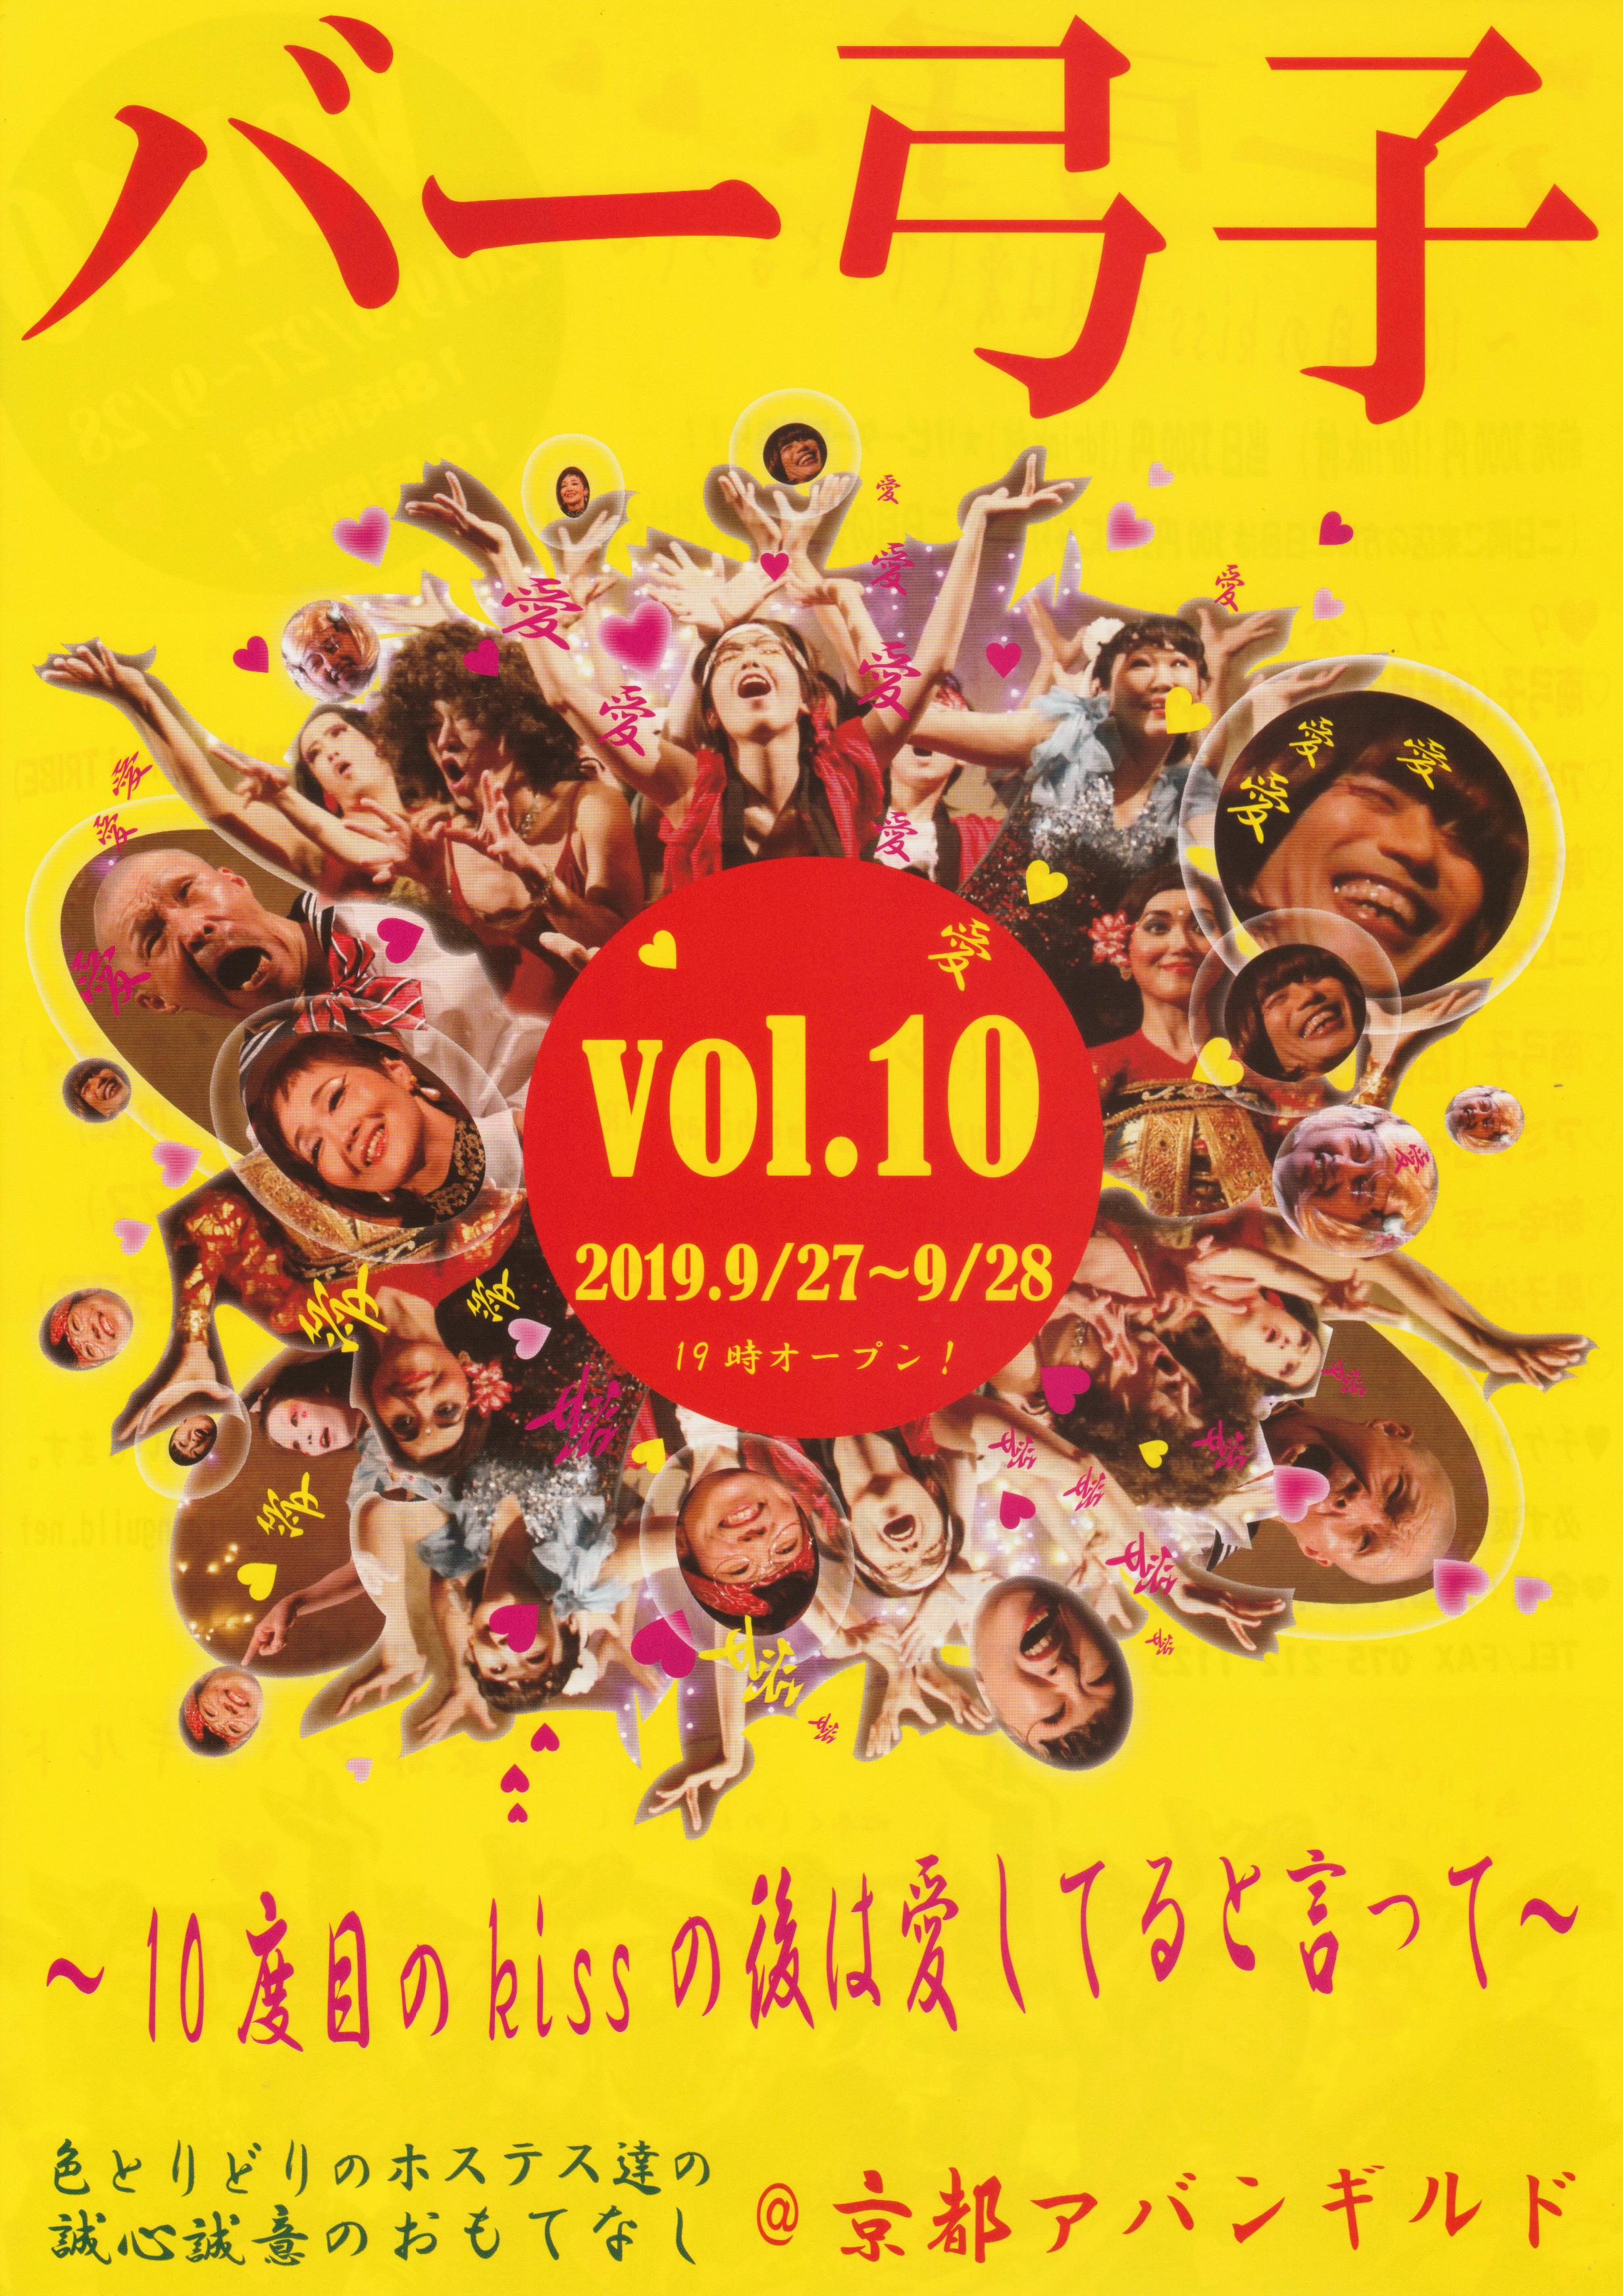 バー弓子vol.10 フライヤー